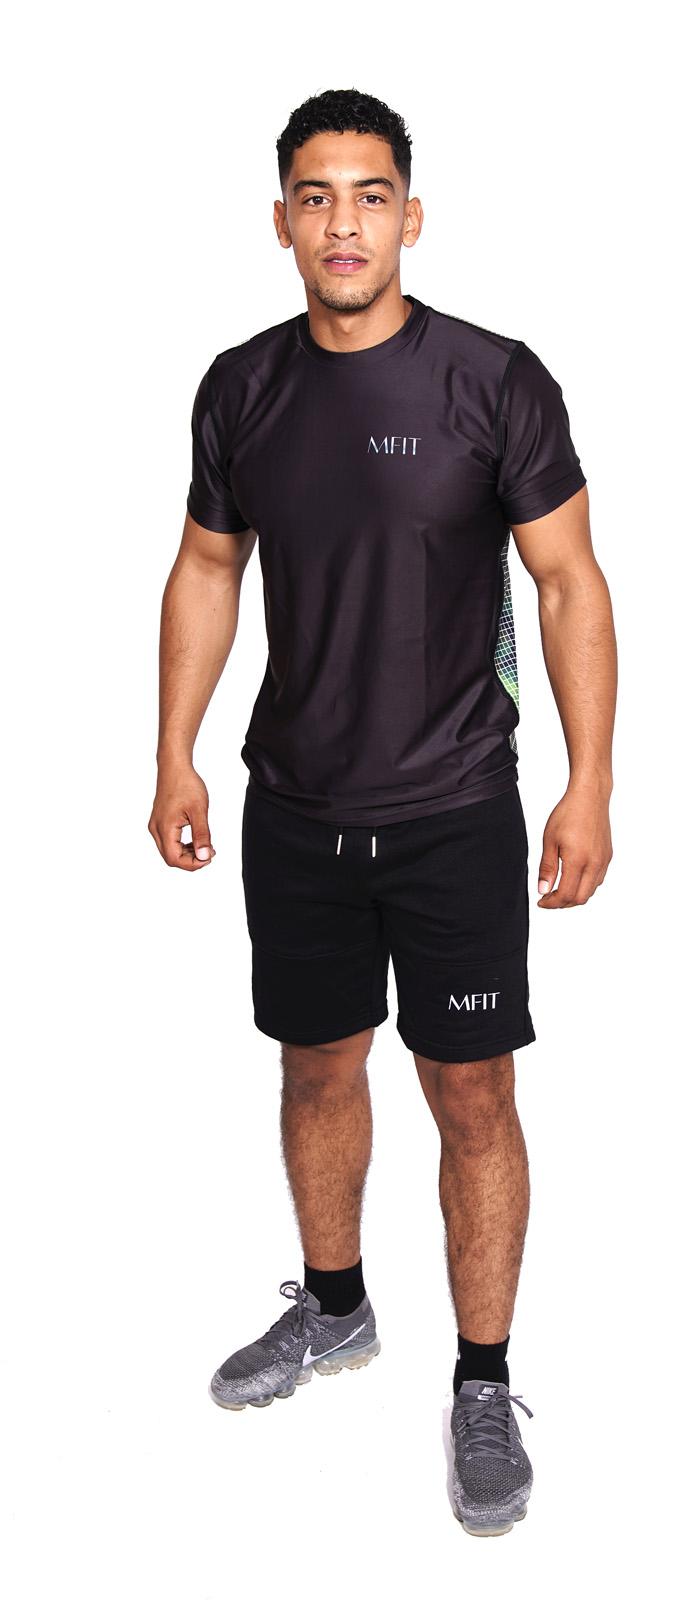 Sport T-shirt Heren Compressie Camo - Mfit-1